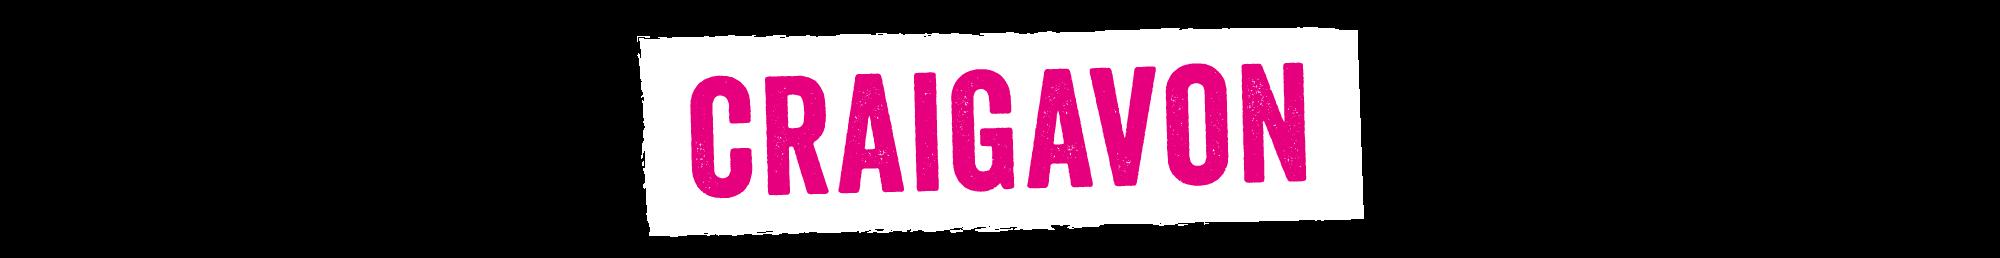 CRAIGAVON-button-2.png